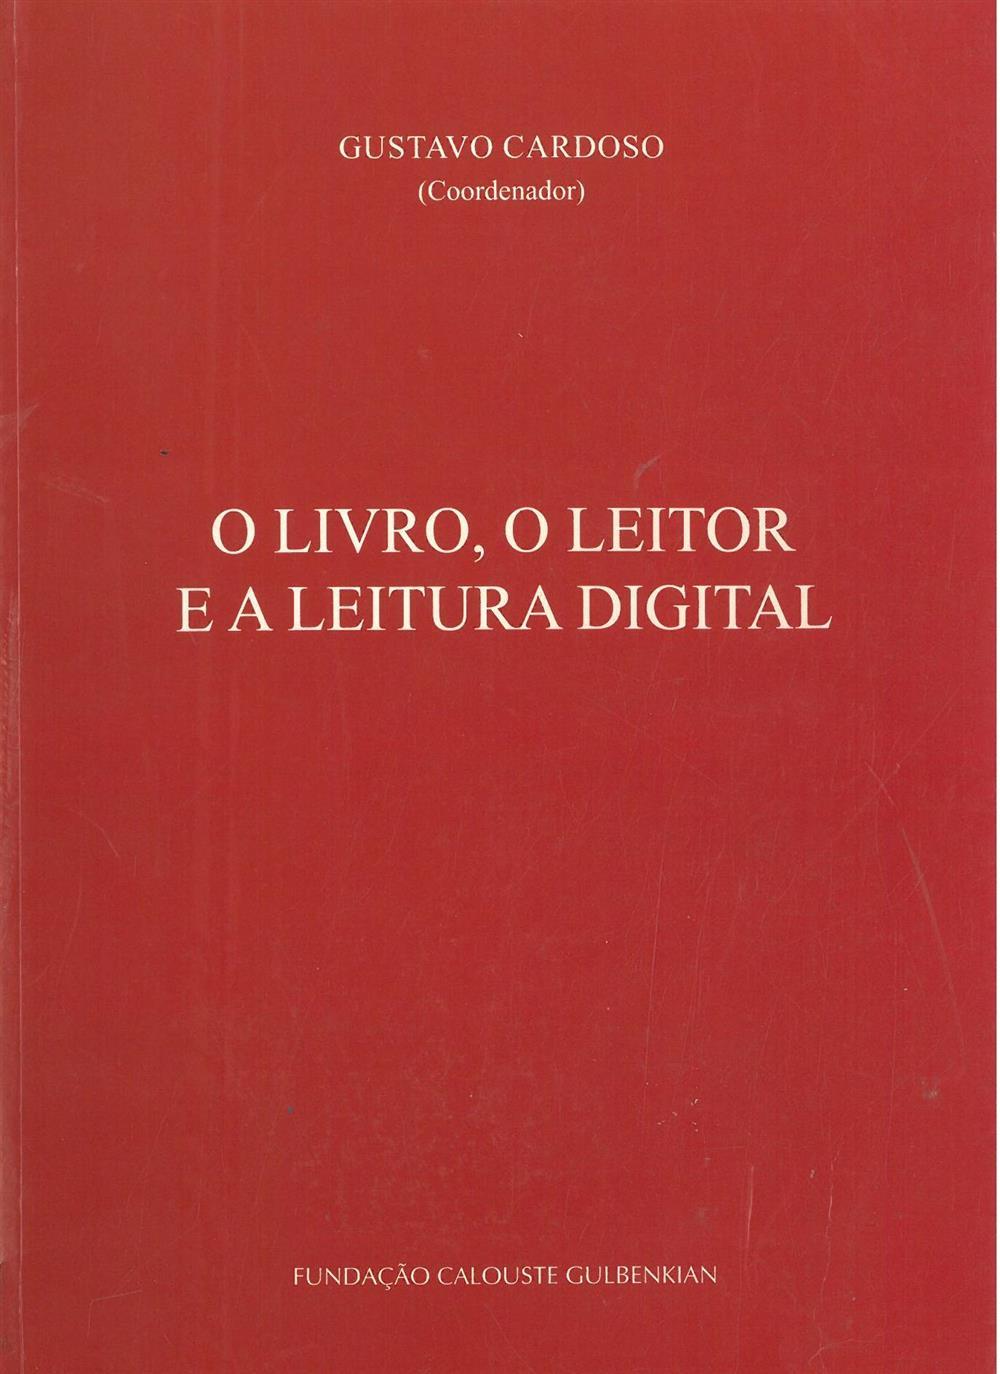 O livro, o leitor e a leitura digital.jpg